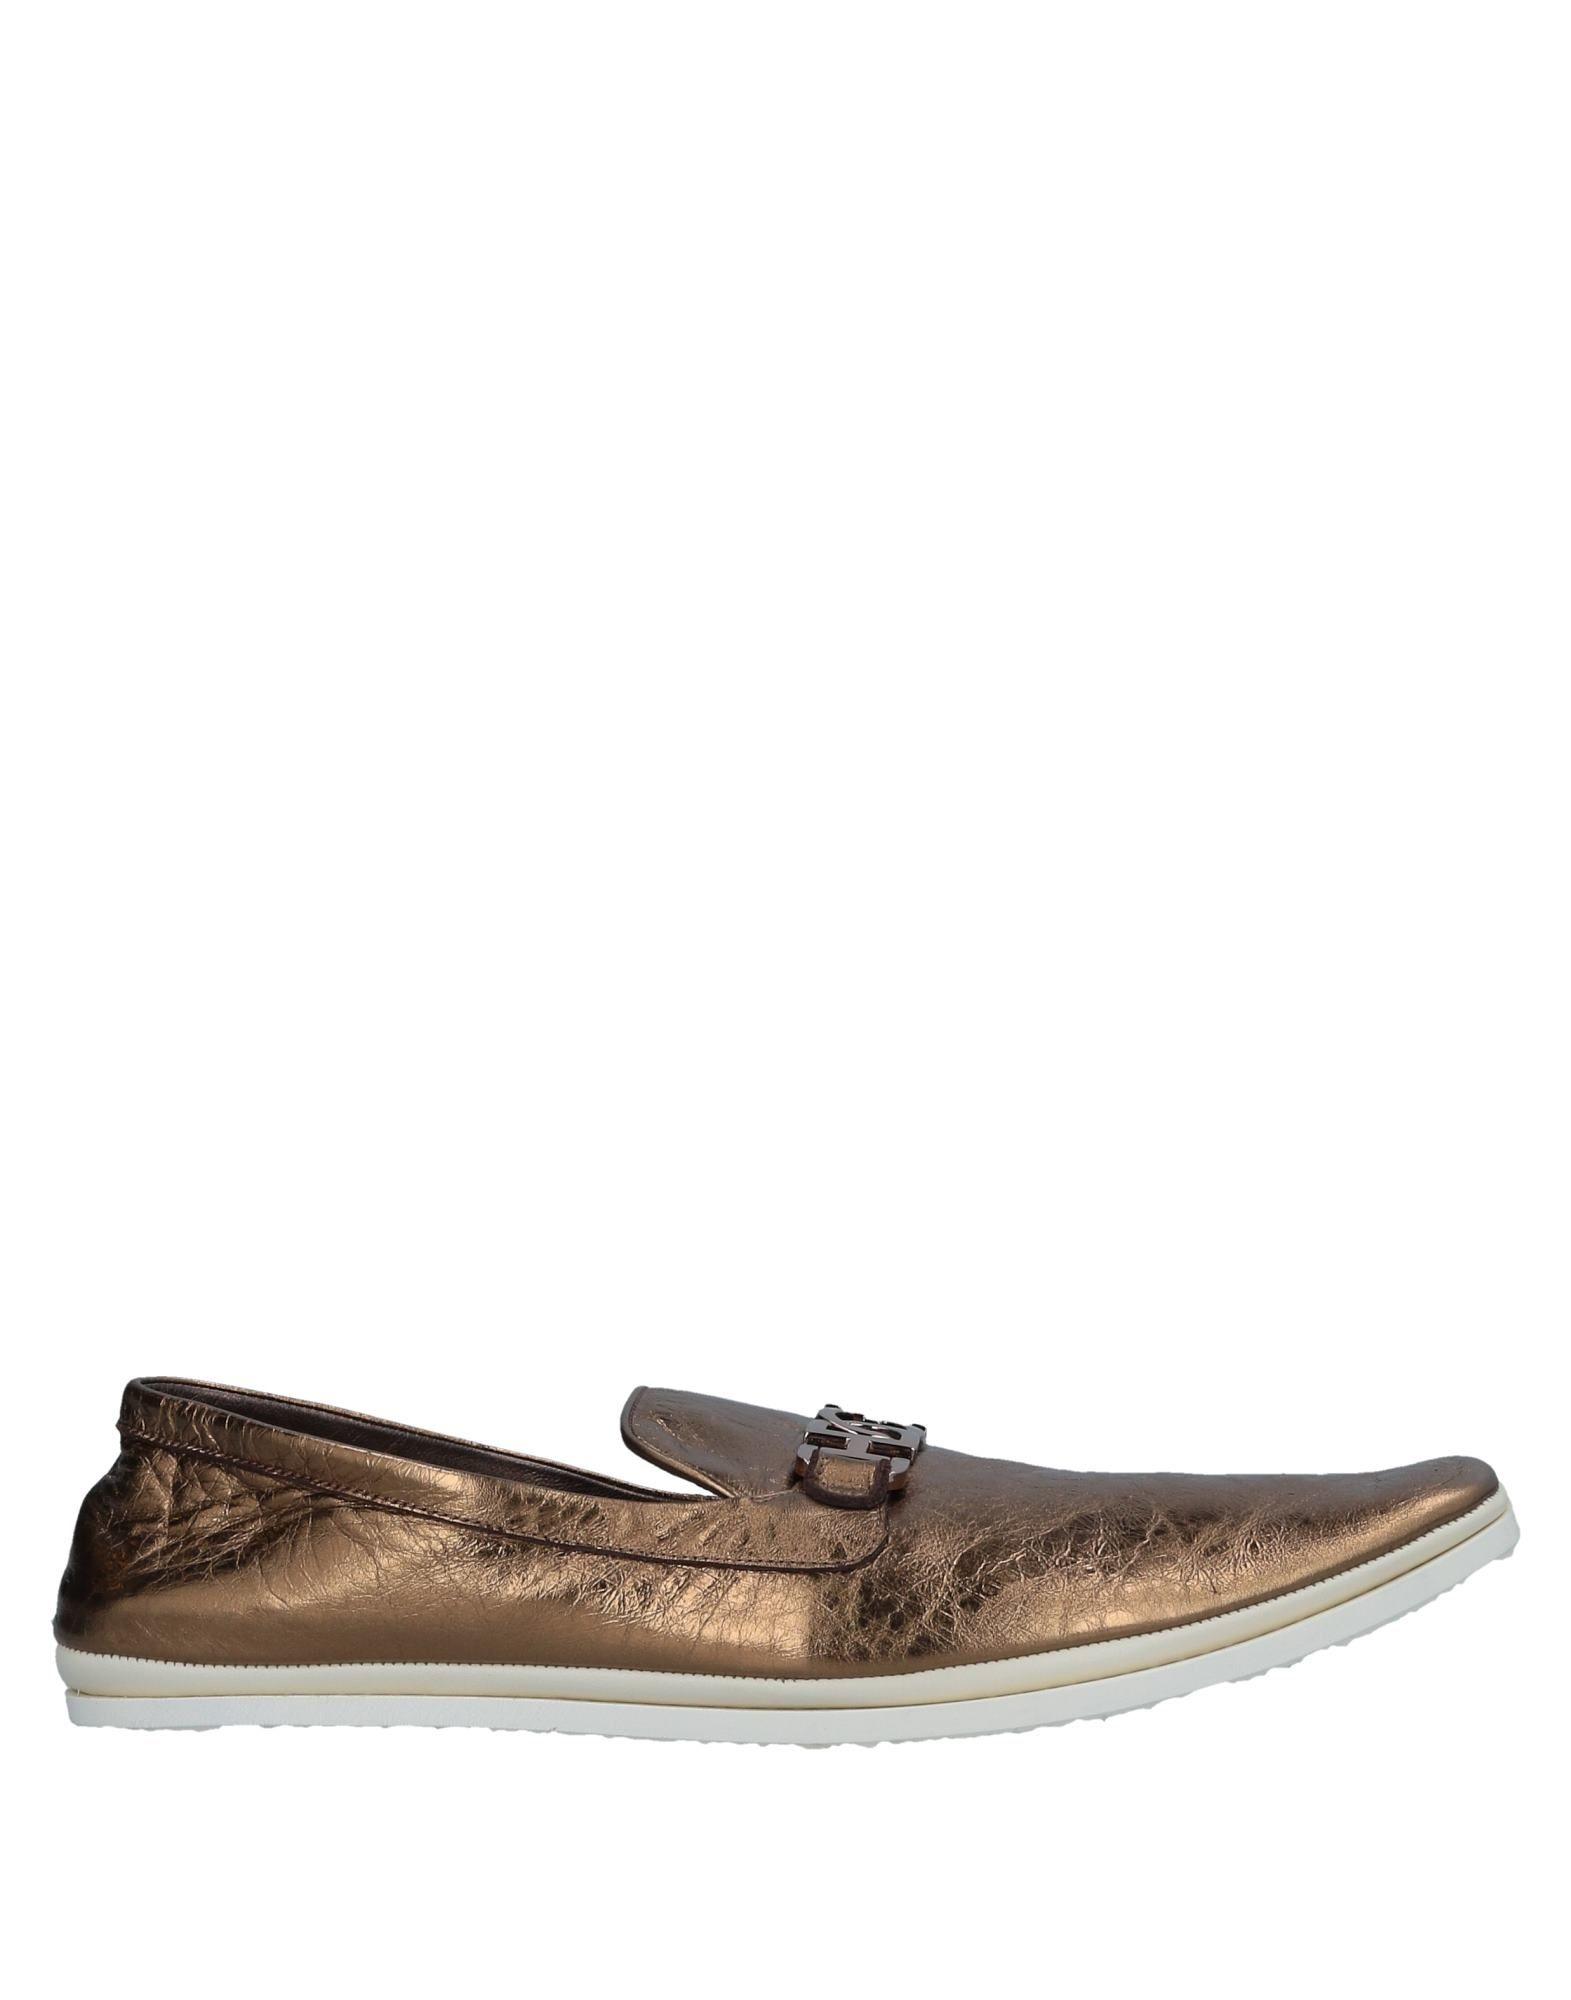 Dolce & Gabbana Gabbana & Mokassins Herren  11530153FM Neue Schuhe e1b26c